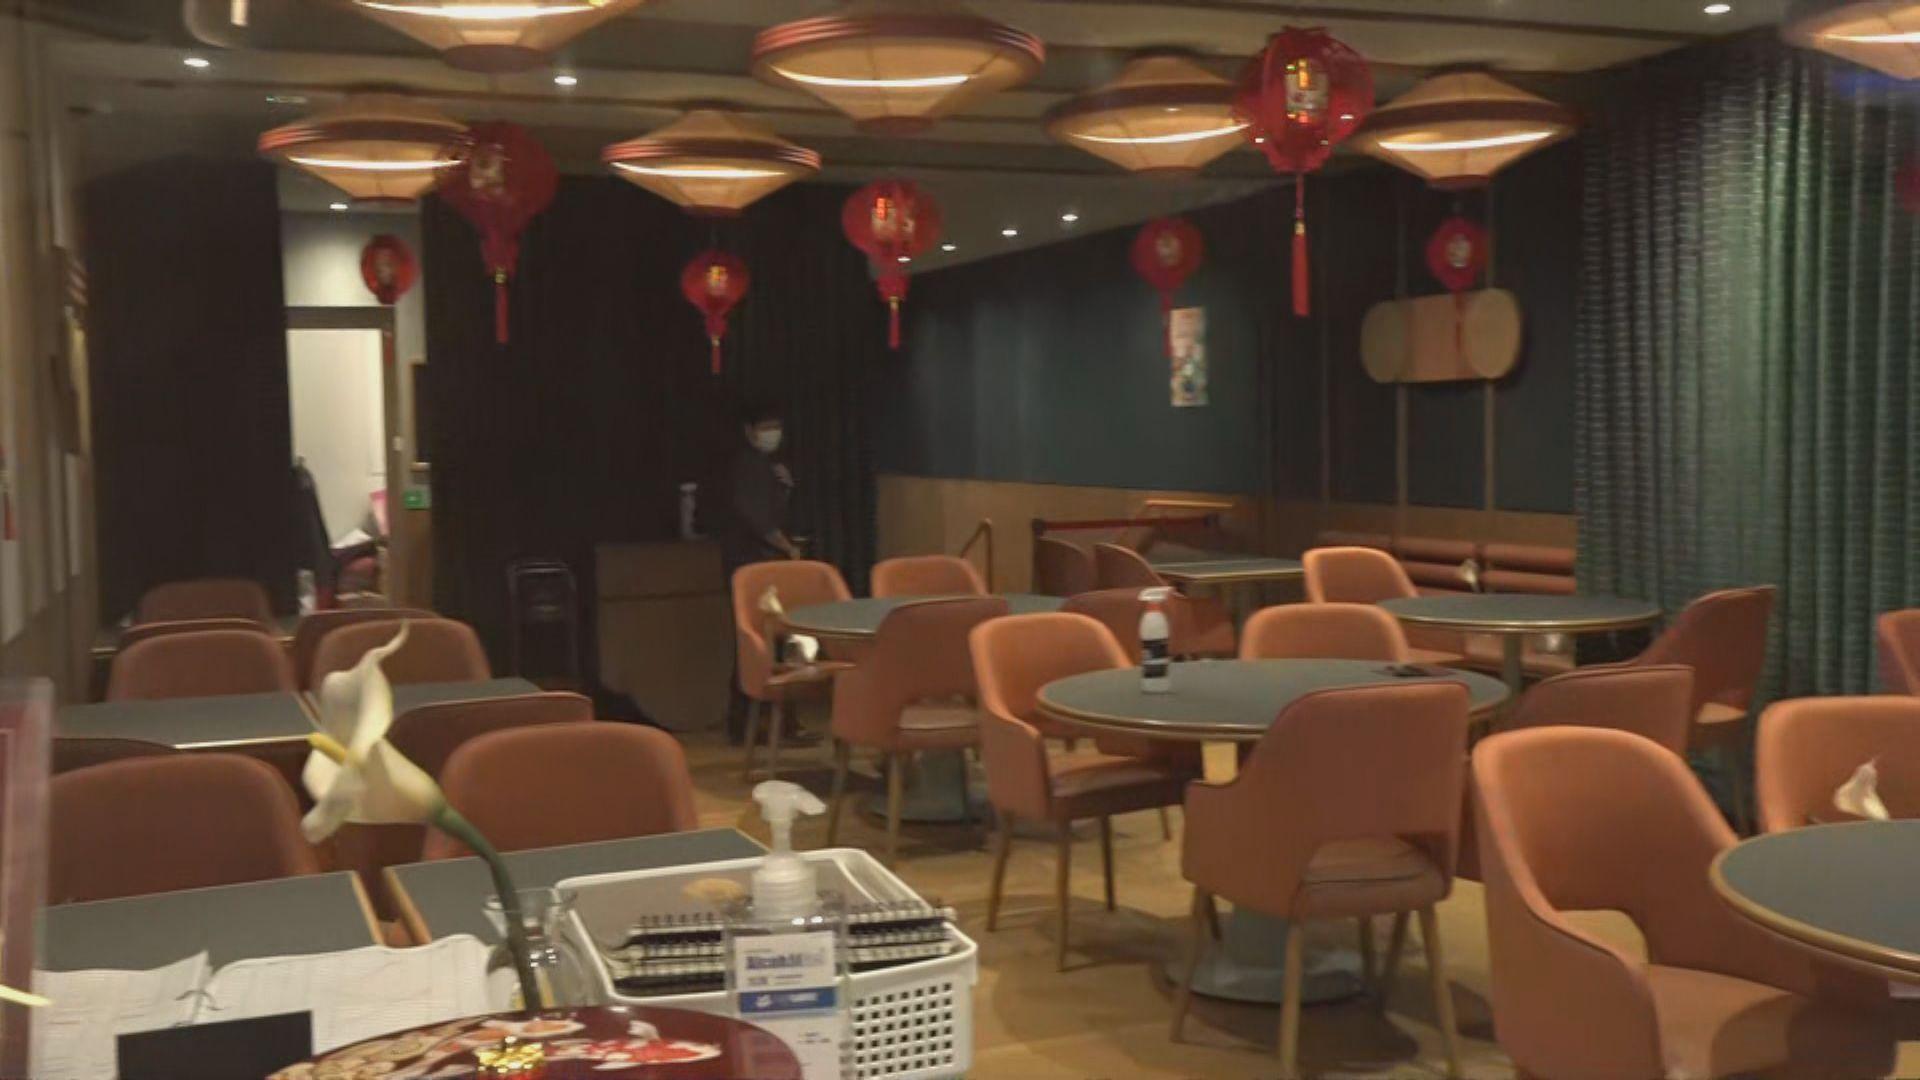 防護中心料名潮食館內有超級傳播 籲本月19日午膳食客聯絡當局檢疫